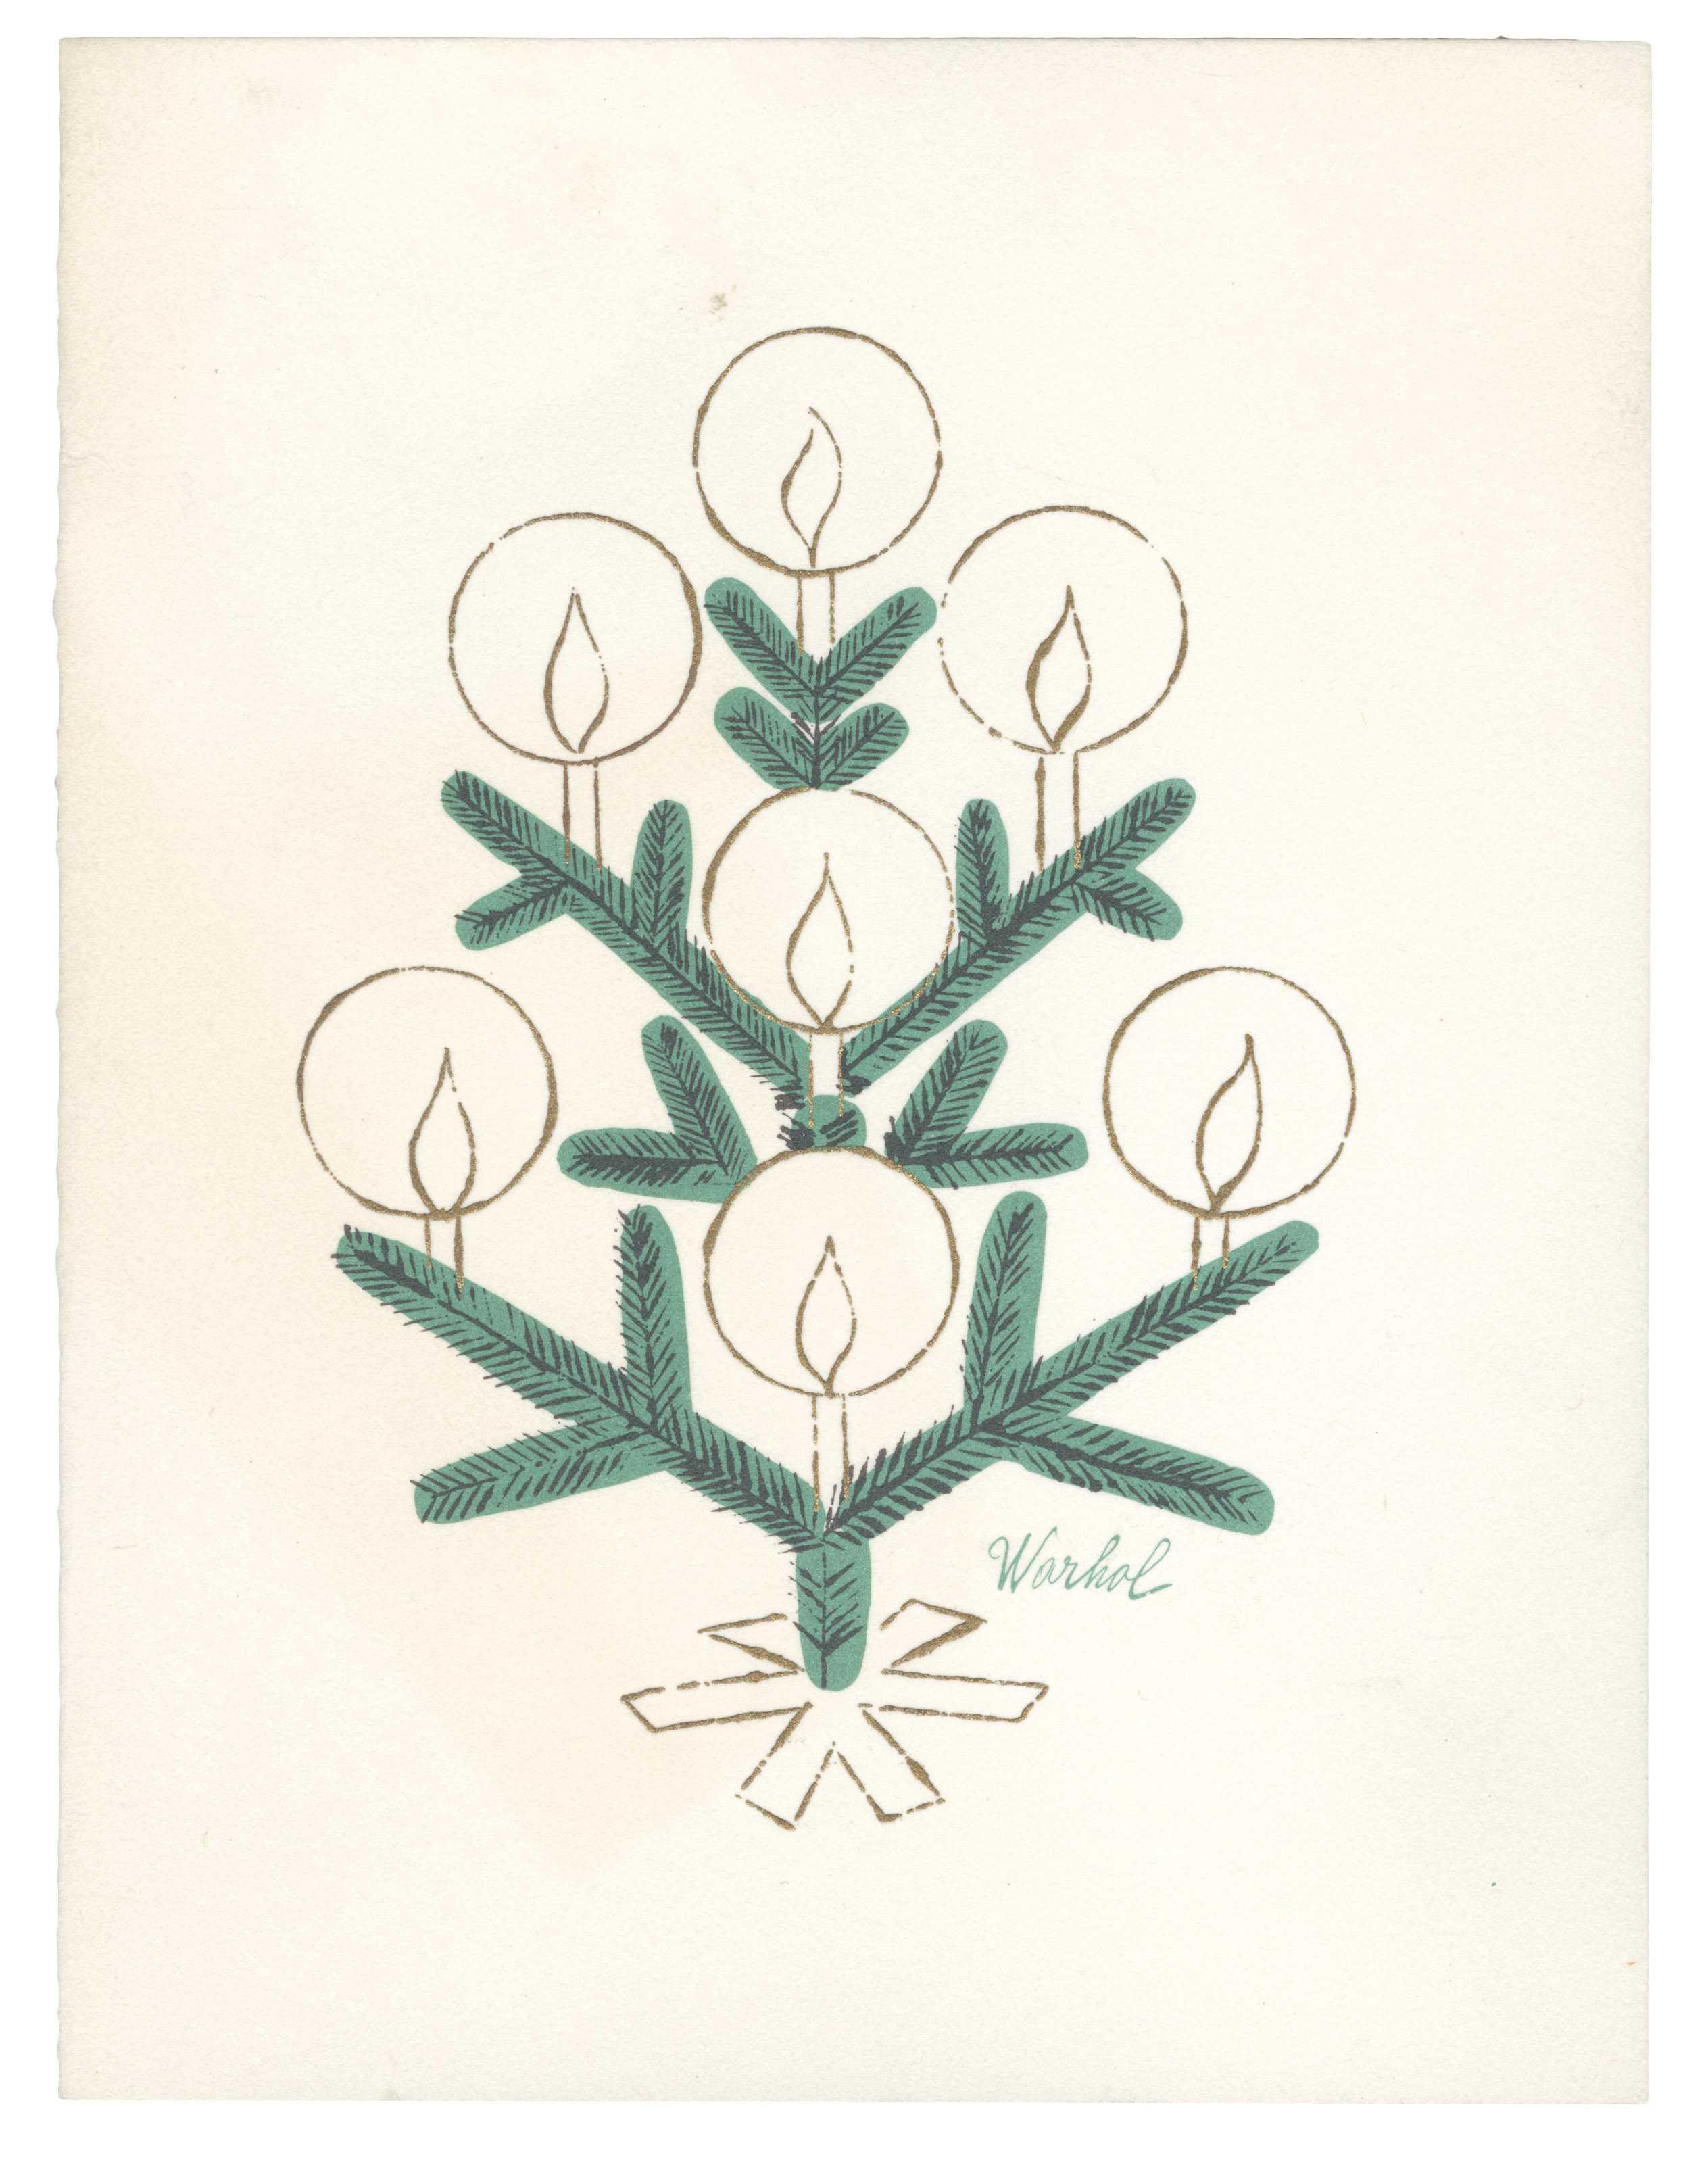 Andy Warhol, Tiffany & Co. Christmas Card (1956 circa; stampa a colori su cartoncino piegato, 14 x 10,8 cm; Collezione privata)